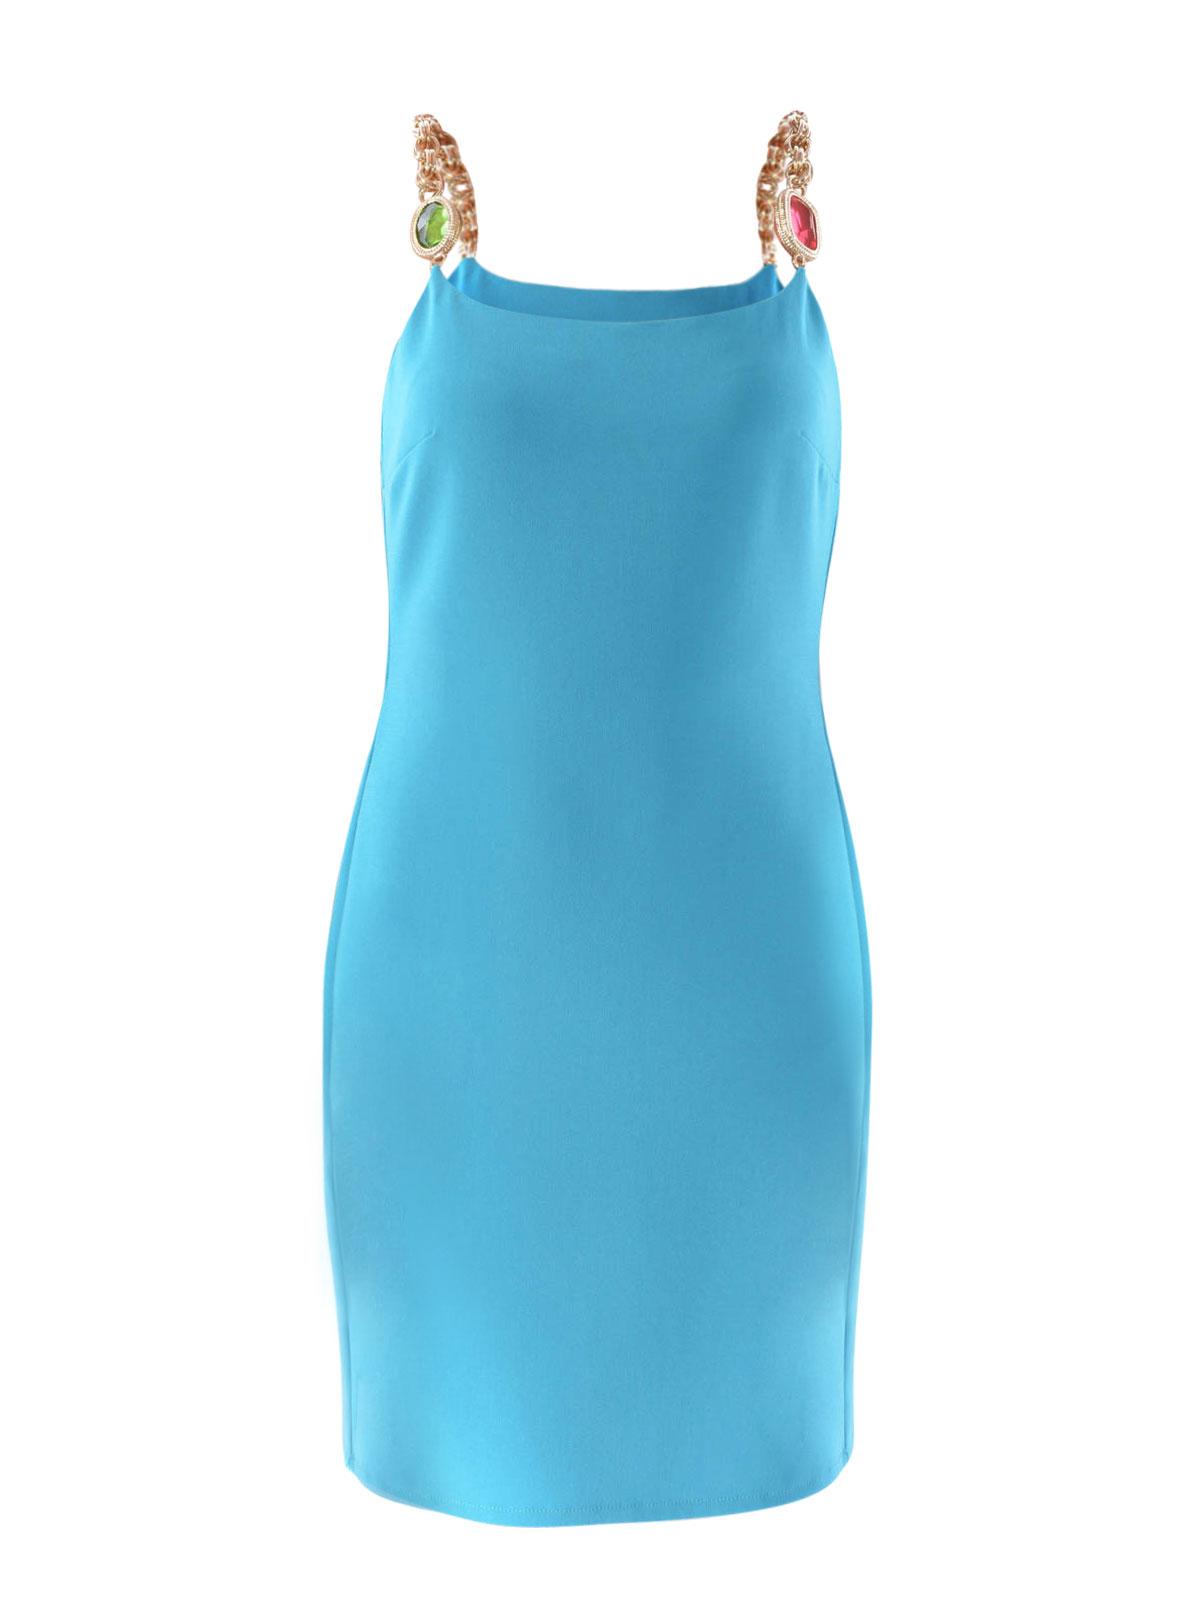 Cocktailkleid - Hellblau von Moschino Boutique - Cocktailkleider | iKRIX